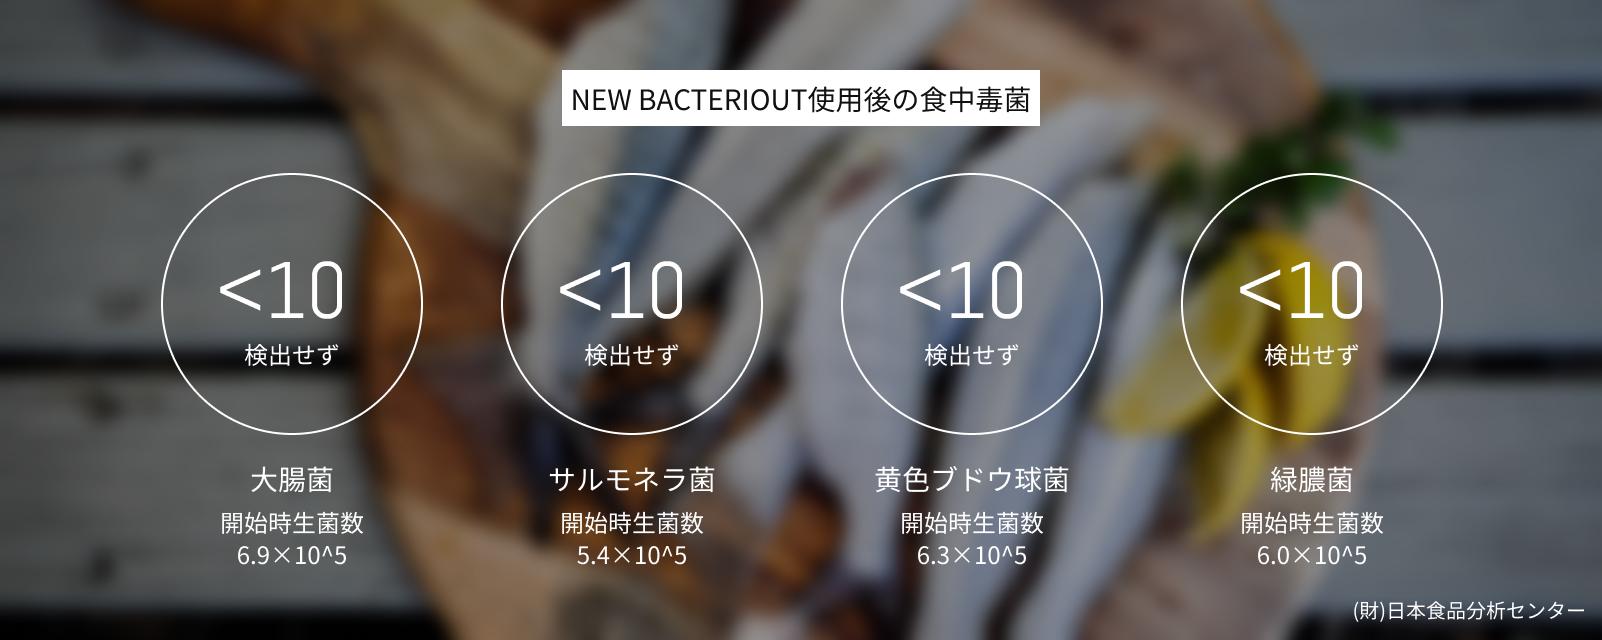 食中毒に対する除菌効果試験の結果